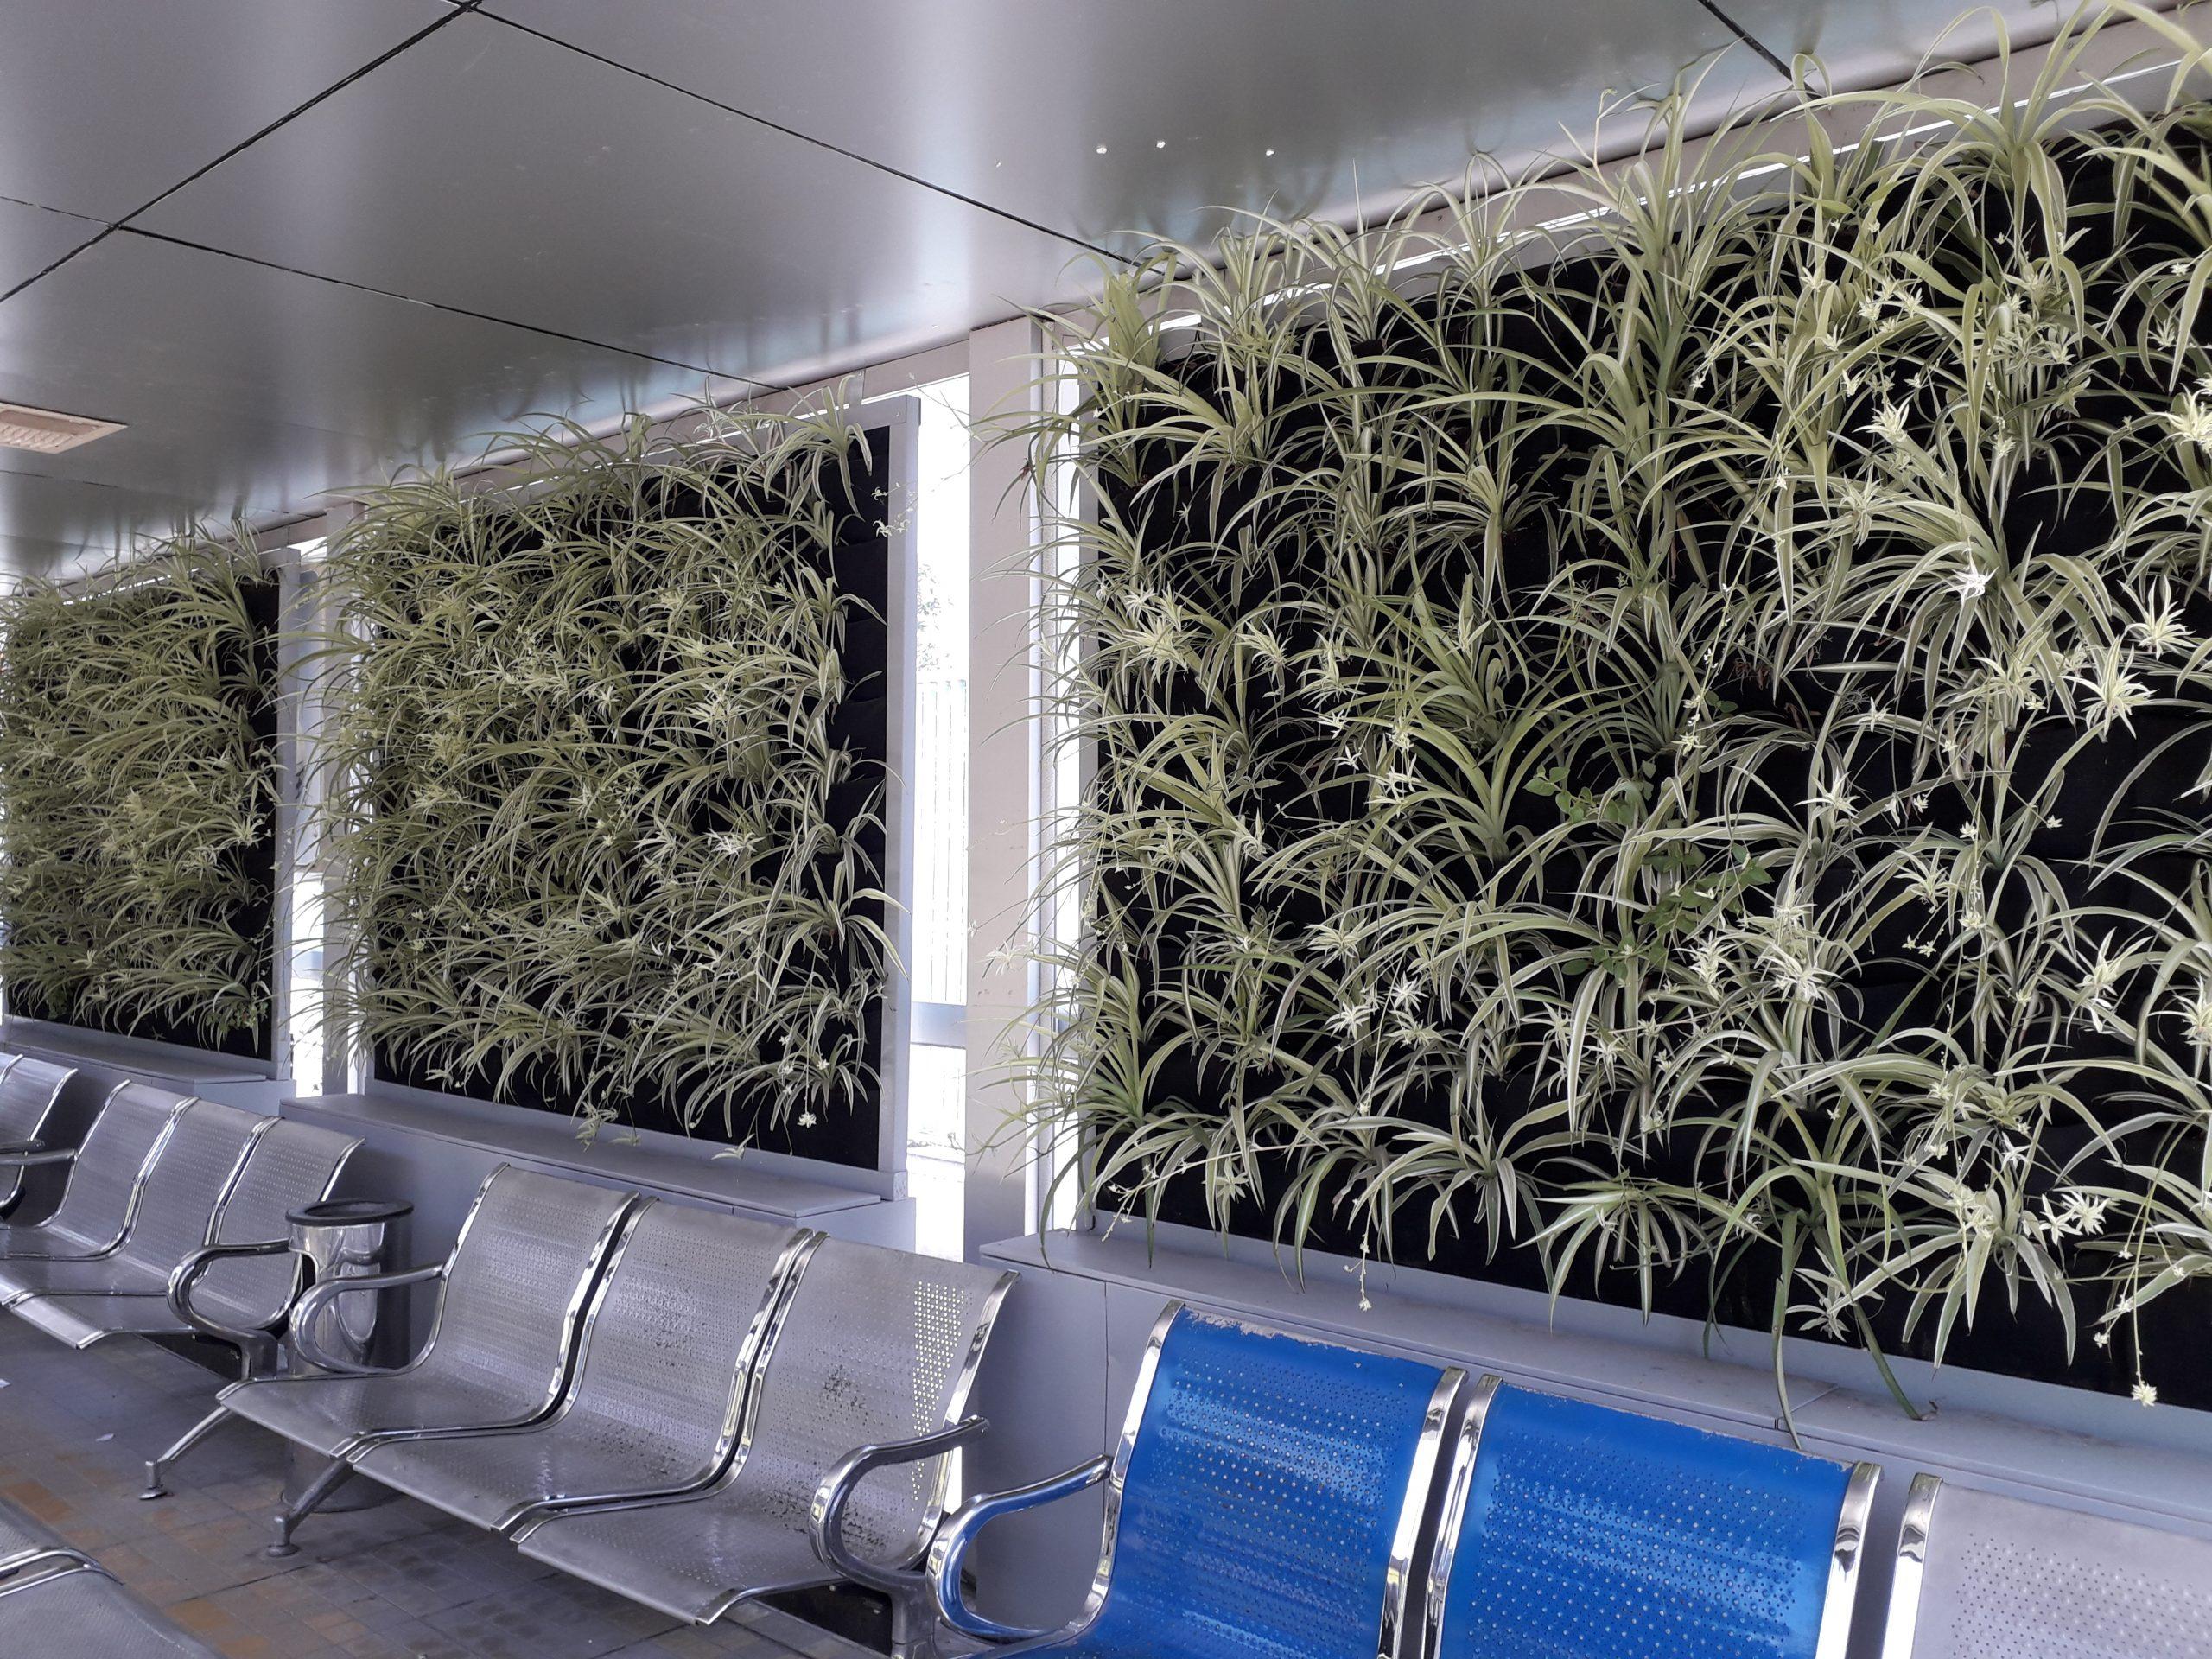 دیوار سبز گل آویز 20200526 133321 scaled